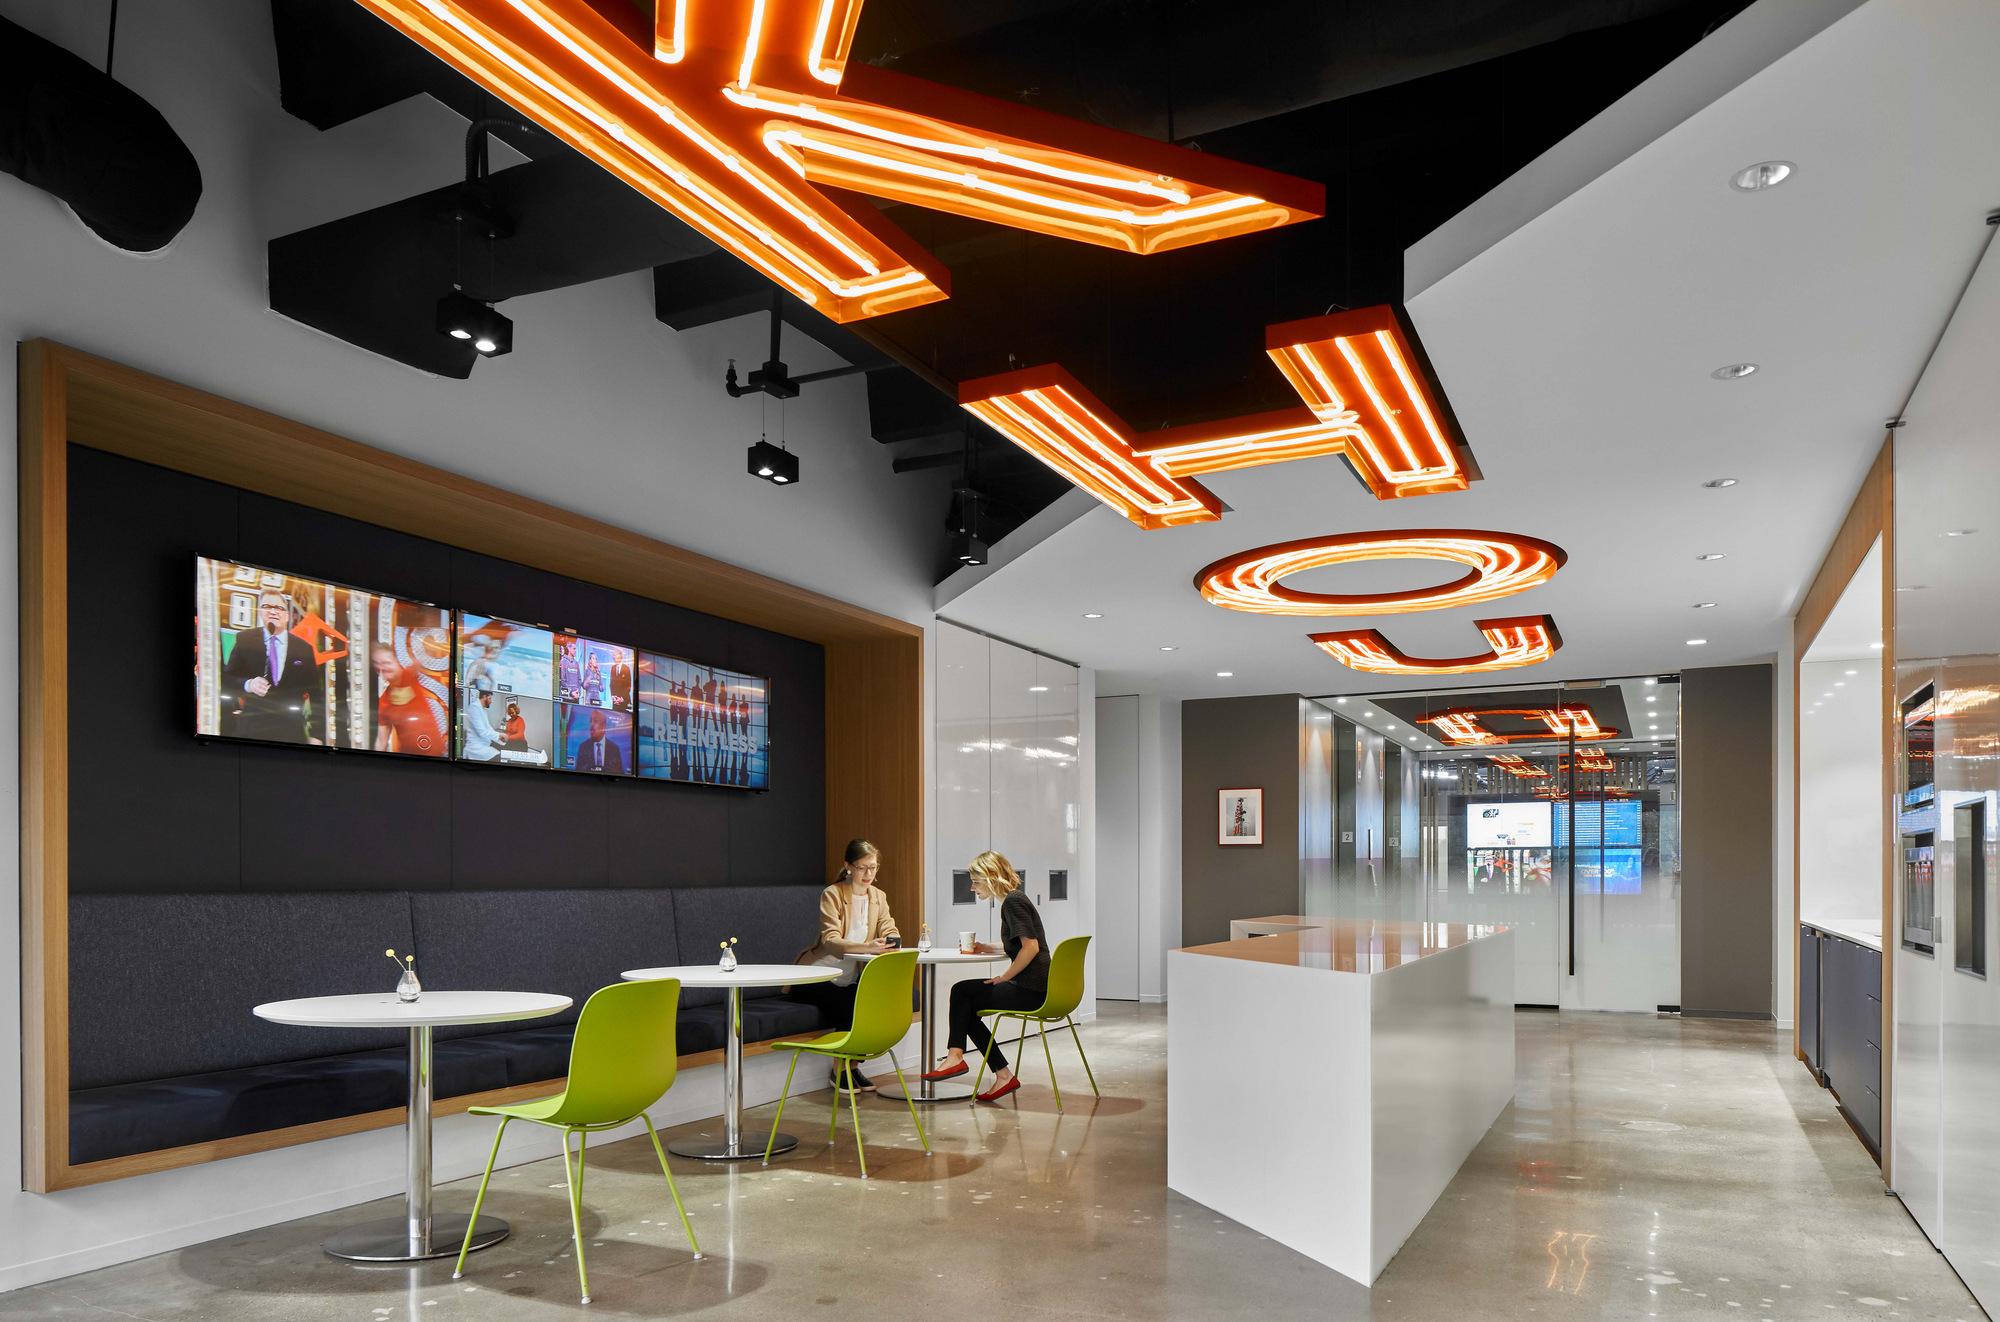 khou offices houston 7